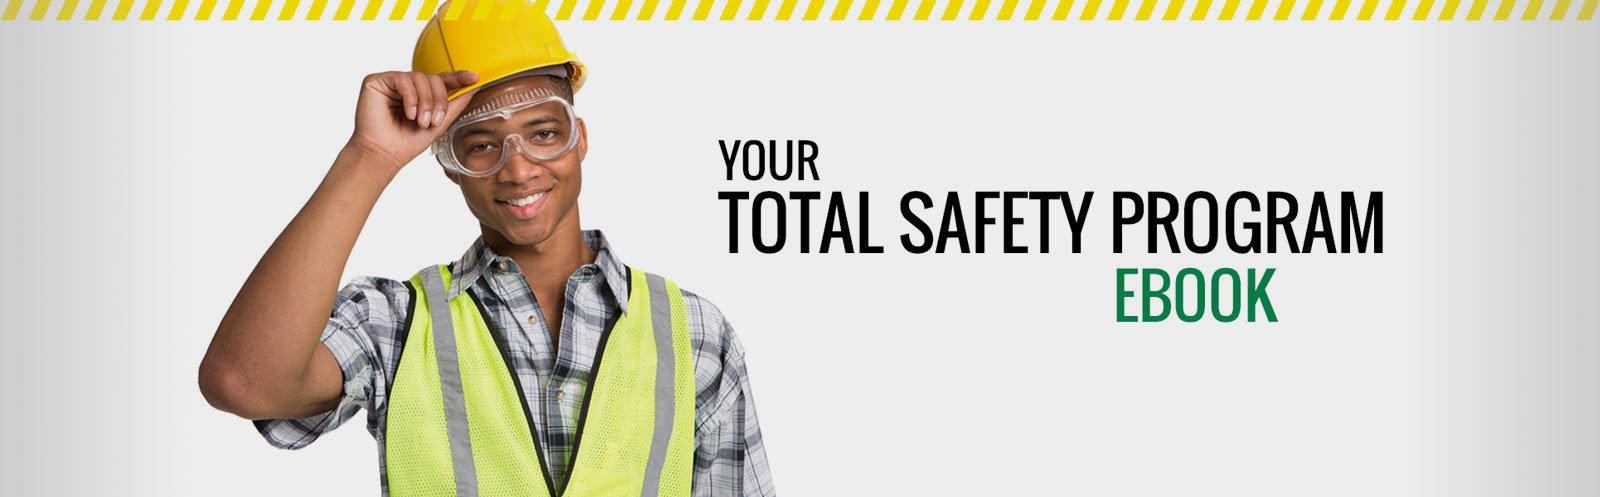 Total-Safety-Program-EBook-Banner